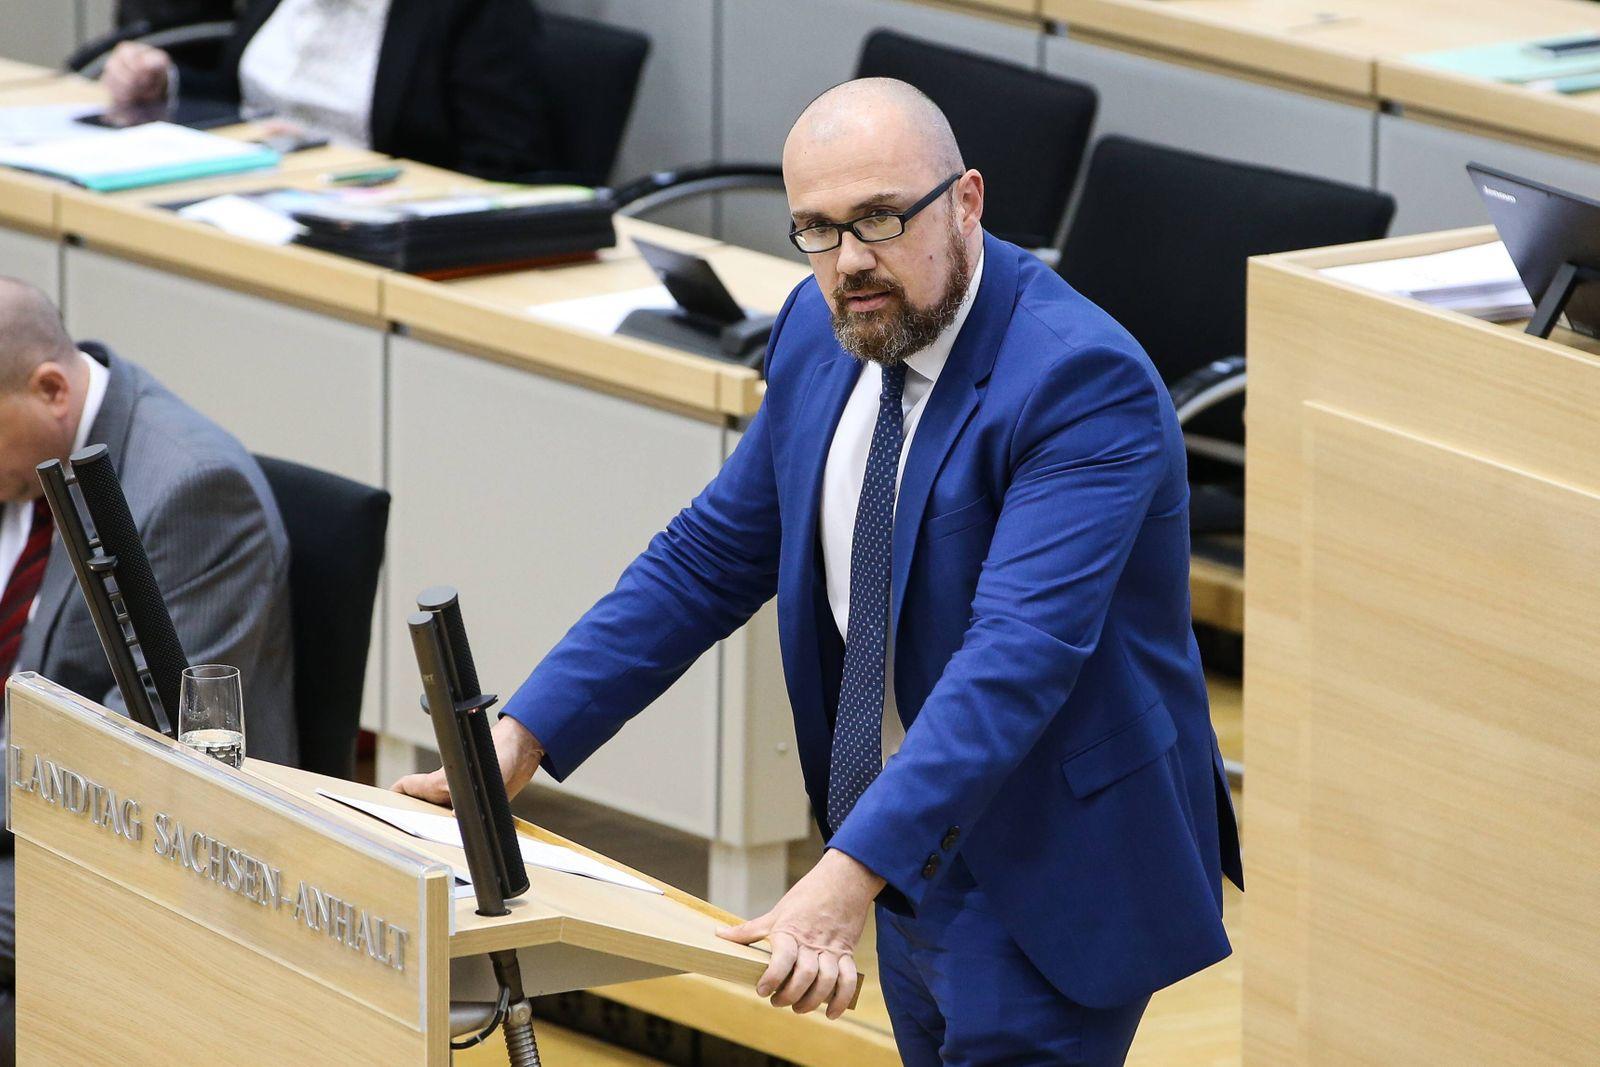 Dr Thomas Tillschneider AfD Sachsen Anhalt Landtagssitzung im Landtag von Sachsen Anhalt mit de